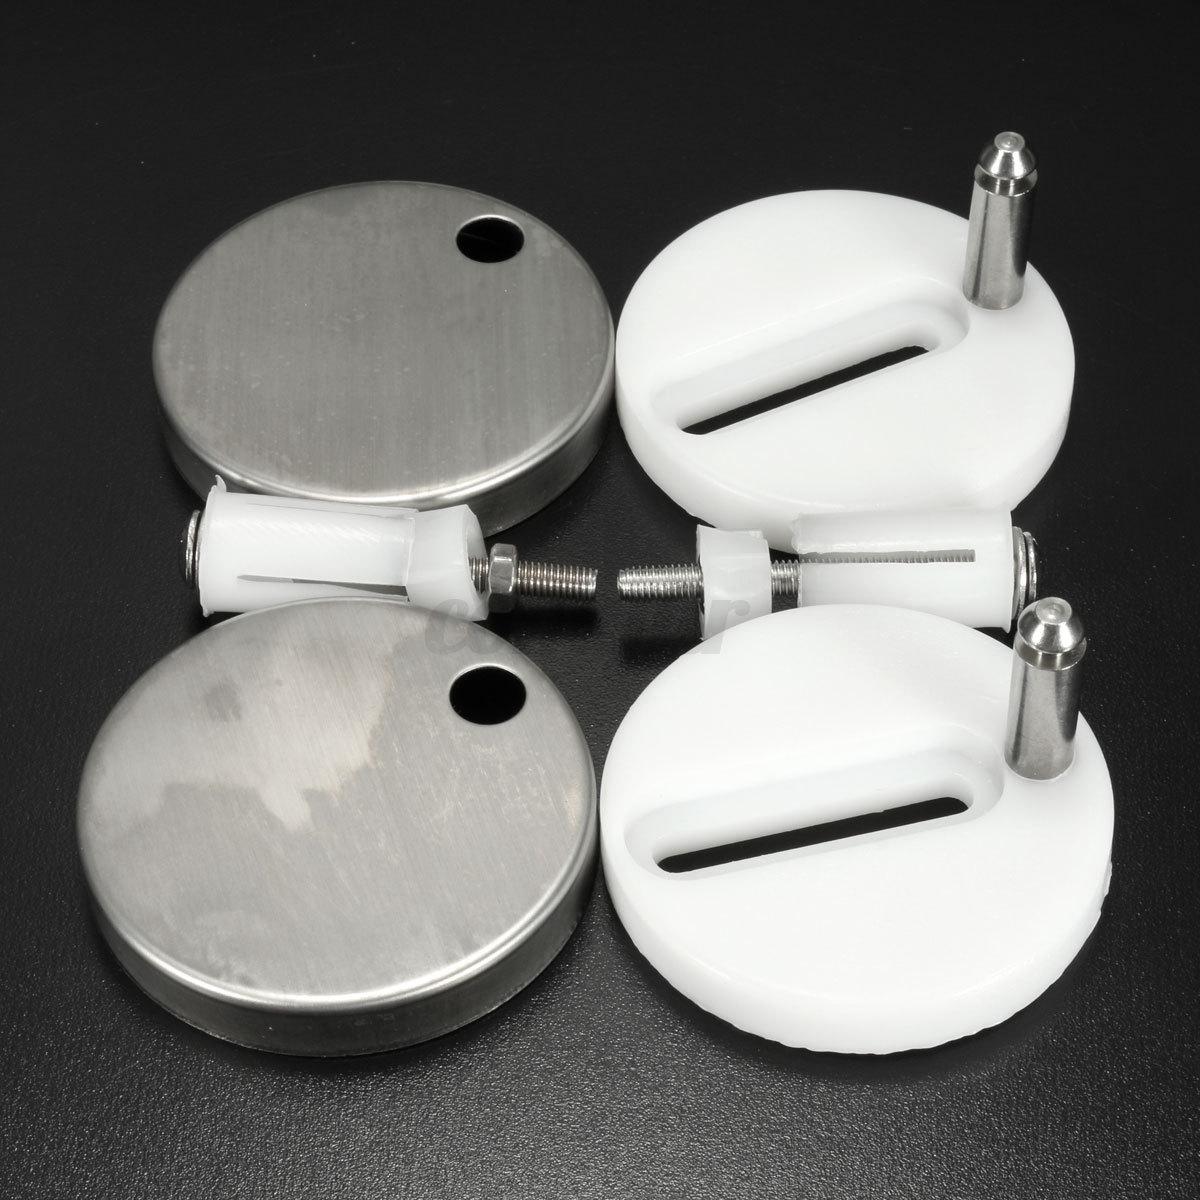 2x schrauben ersatz scharniere toilettensitz toilettendeckel klodeckel wc sitz ebay. Black Bedroom Furniture Sets. Home Design Ideas